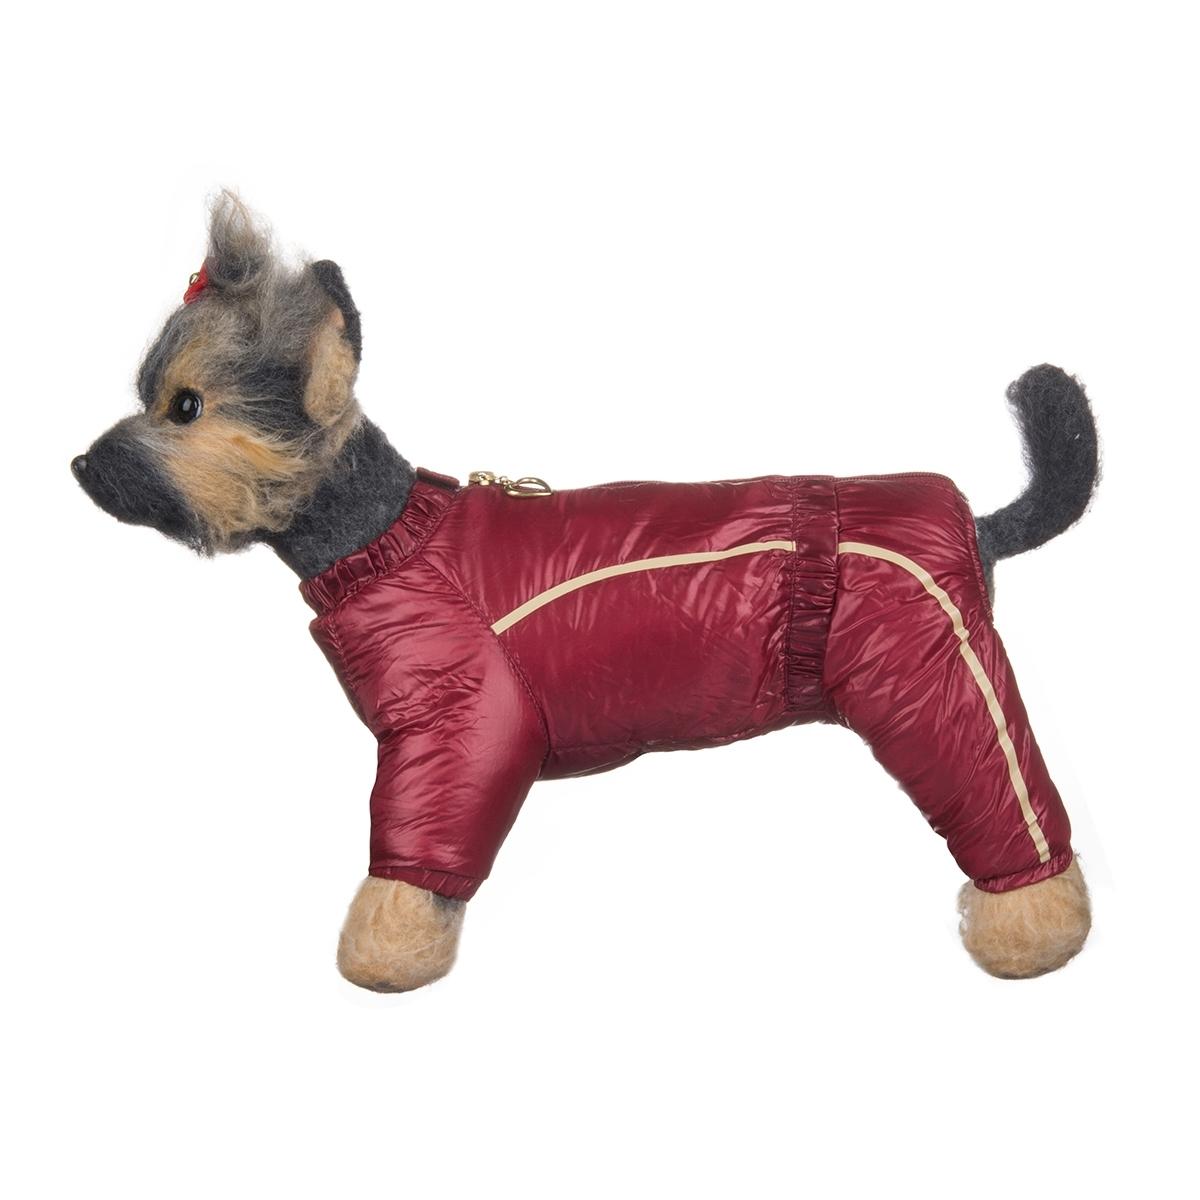 Комбинезон для собак Dogmoda Альпы, зимний, для девочки, цвет: бордовый, серый. Размер 2 (M)0120710Зимний комбинезон для собак Dogmoda Альпы отлично подойдет для прогулок в зимнее время года.Комбинезон изготовлен из полиэстера, защищающего от ветра и снега, с утеплителем из синтепона, который сохранит тепло даже в сильные морозы, а на подкладке используется искусственный мех, который обеспечивает отличный воздухообмен. Комбинезон застегивается на молнию и липучку, благодаря чему его легко надевать и снимать. Ворот, низ рукавов и брючин оснащены внутренними резинками, которые мягко обхватывают шею и лапки, не позволяя просачиваться холодному воздуху. На пояснице имеется внутренняя резинка. Изделие декорировано бежевыми полосками и надписью DM.Благодаря такому комбинезону простуда не грозит вашему питомцу и он сможет испытать не сравнимое удовольствие от снежных игр и забав.